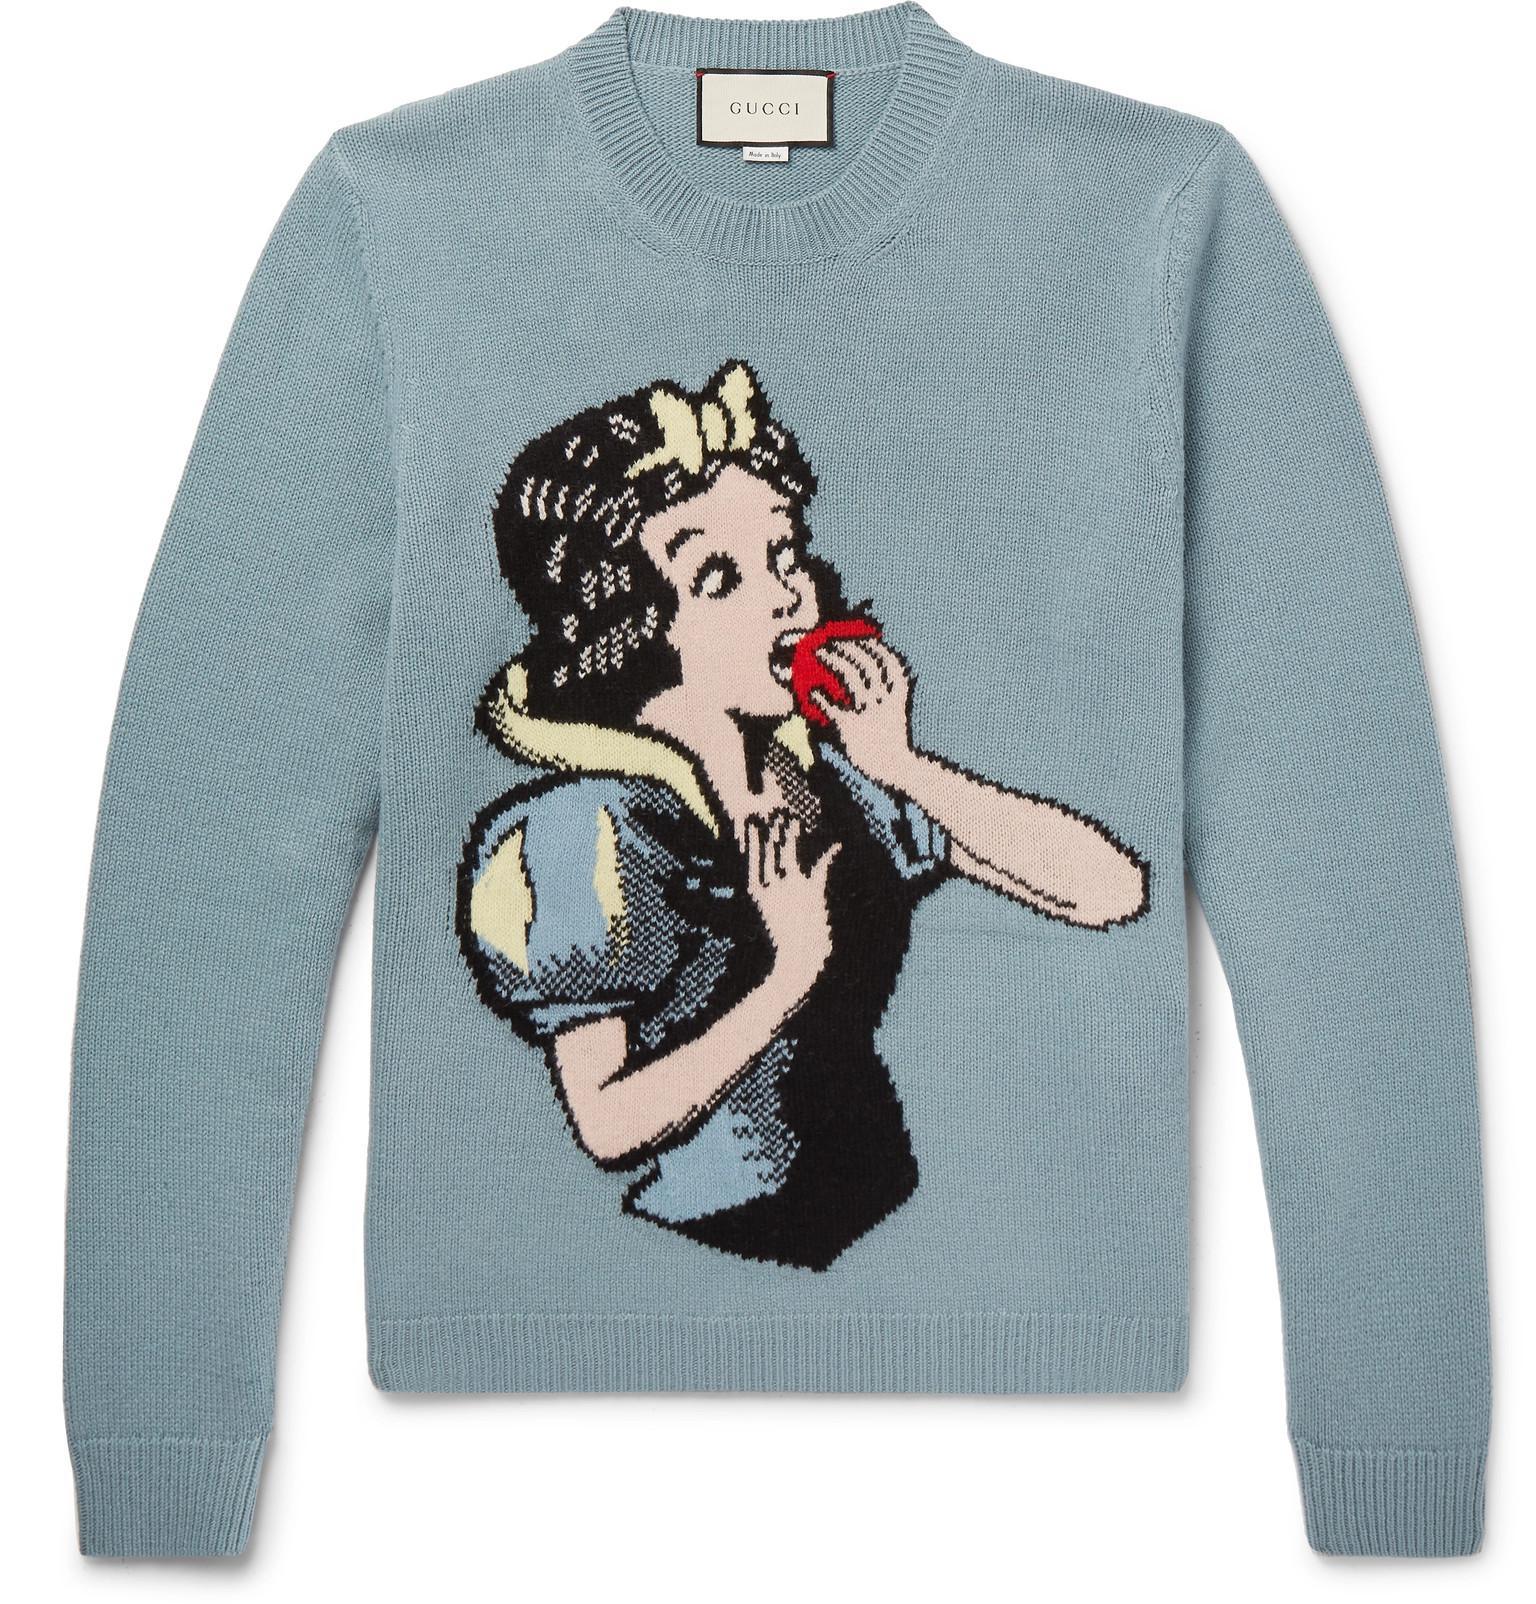 aec997b5c4d25 Gucci - Blue Intarsia Wool Sweater for Men - Lyst. View fullscreen